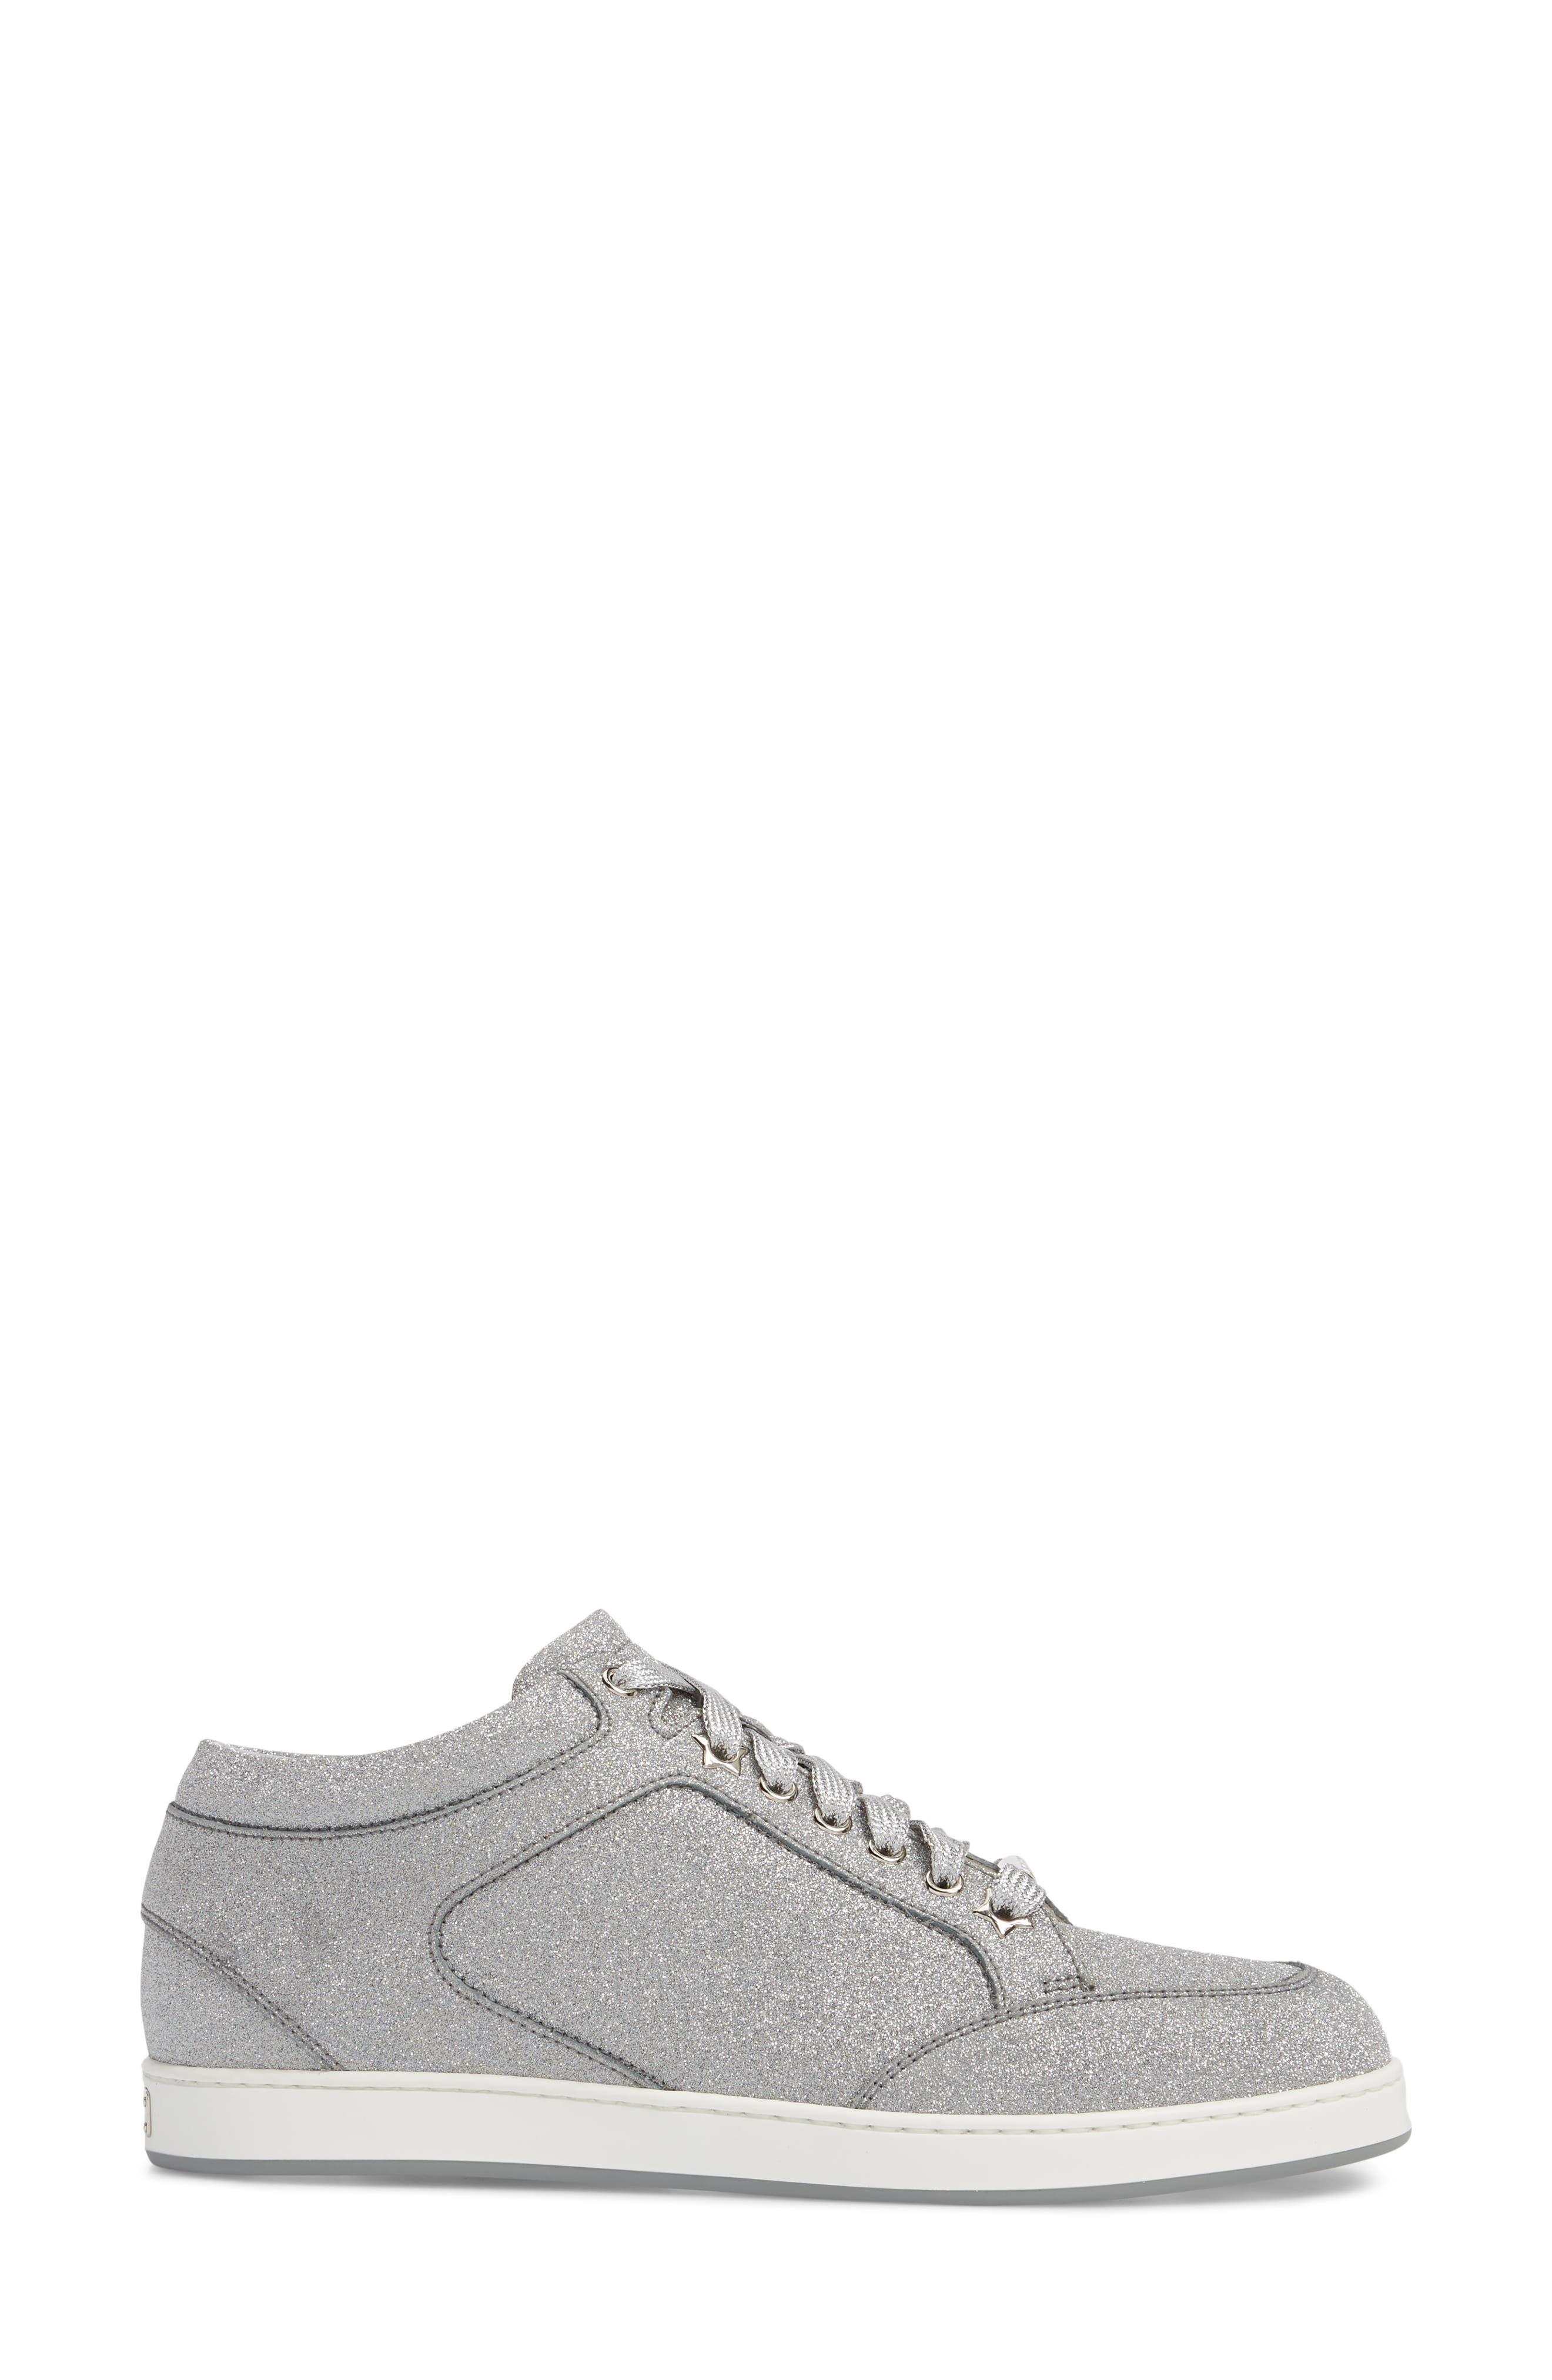 Miami Metallic Sneaker,                             Alternate thumbnail 3, color,                             Silver